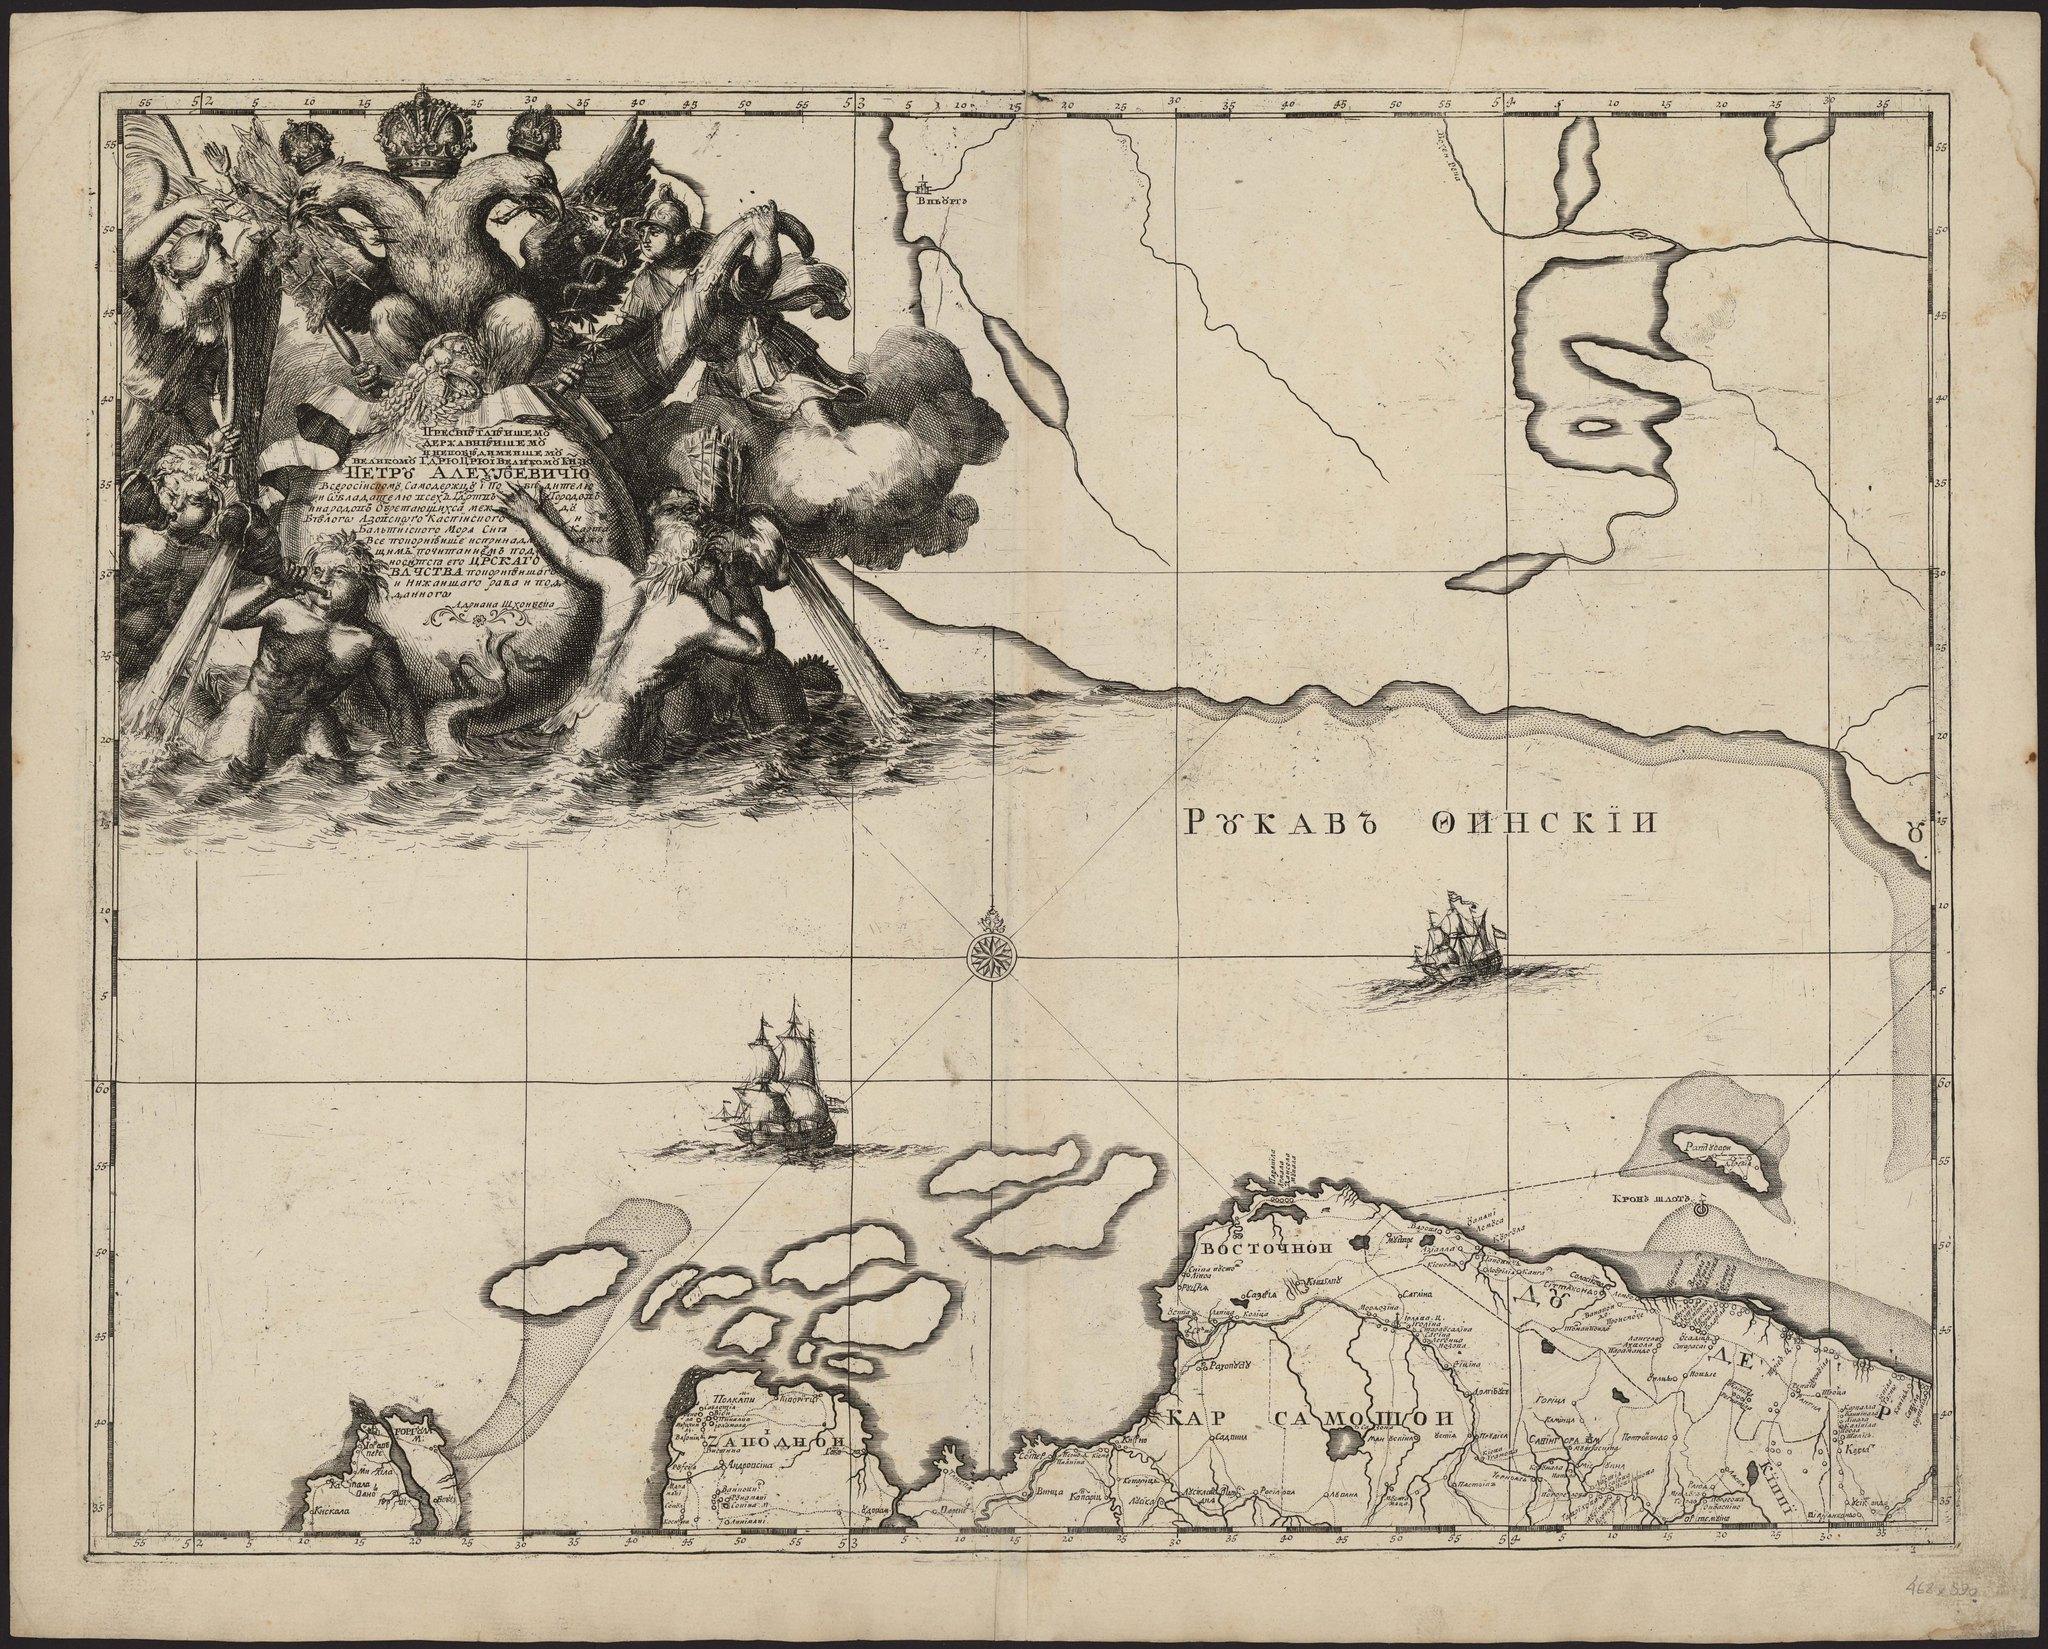 1704. Адриан Шхонебек. Географскии чертеж над Ижерскою землеи с своими городами, уездами, погостами